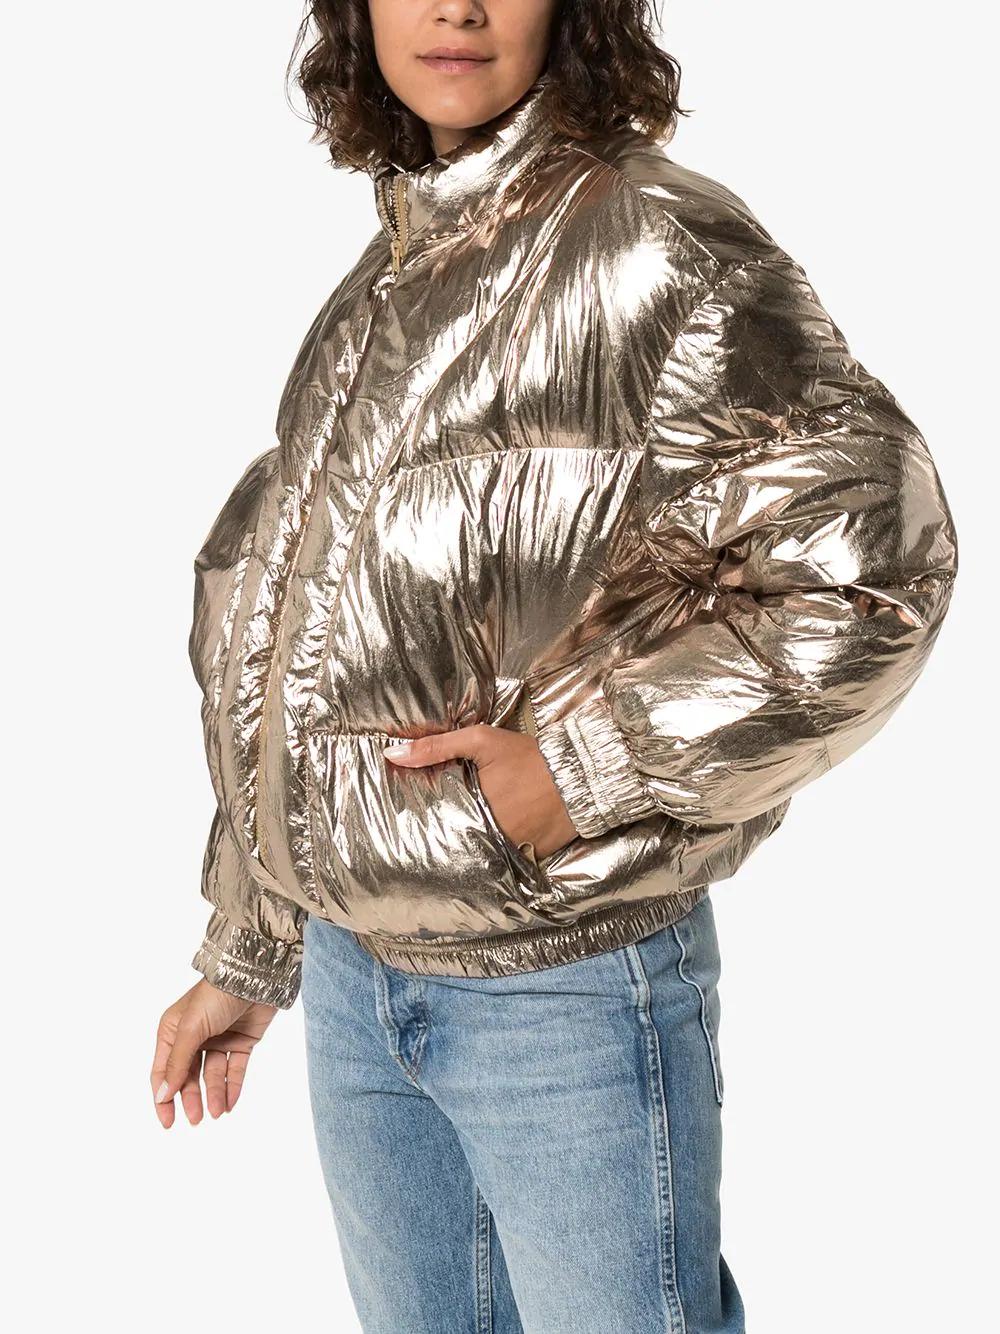 Pin By Nadine Doumet On A La Mode De Chz Ns In 2020 Puffer Coat Puffer Jackets For Women [ 1334 x 1000 Pixel ]